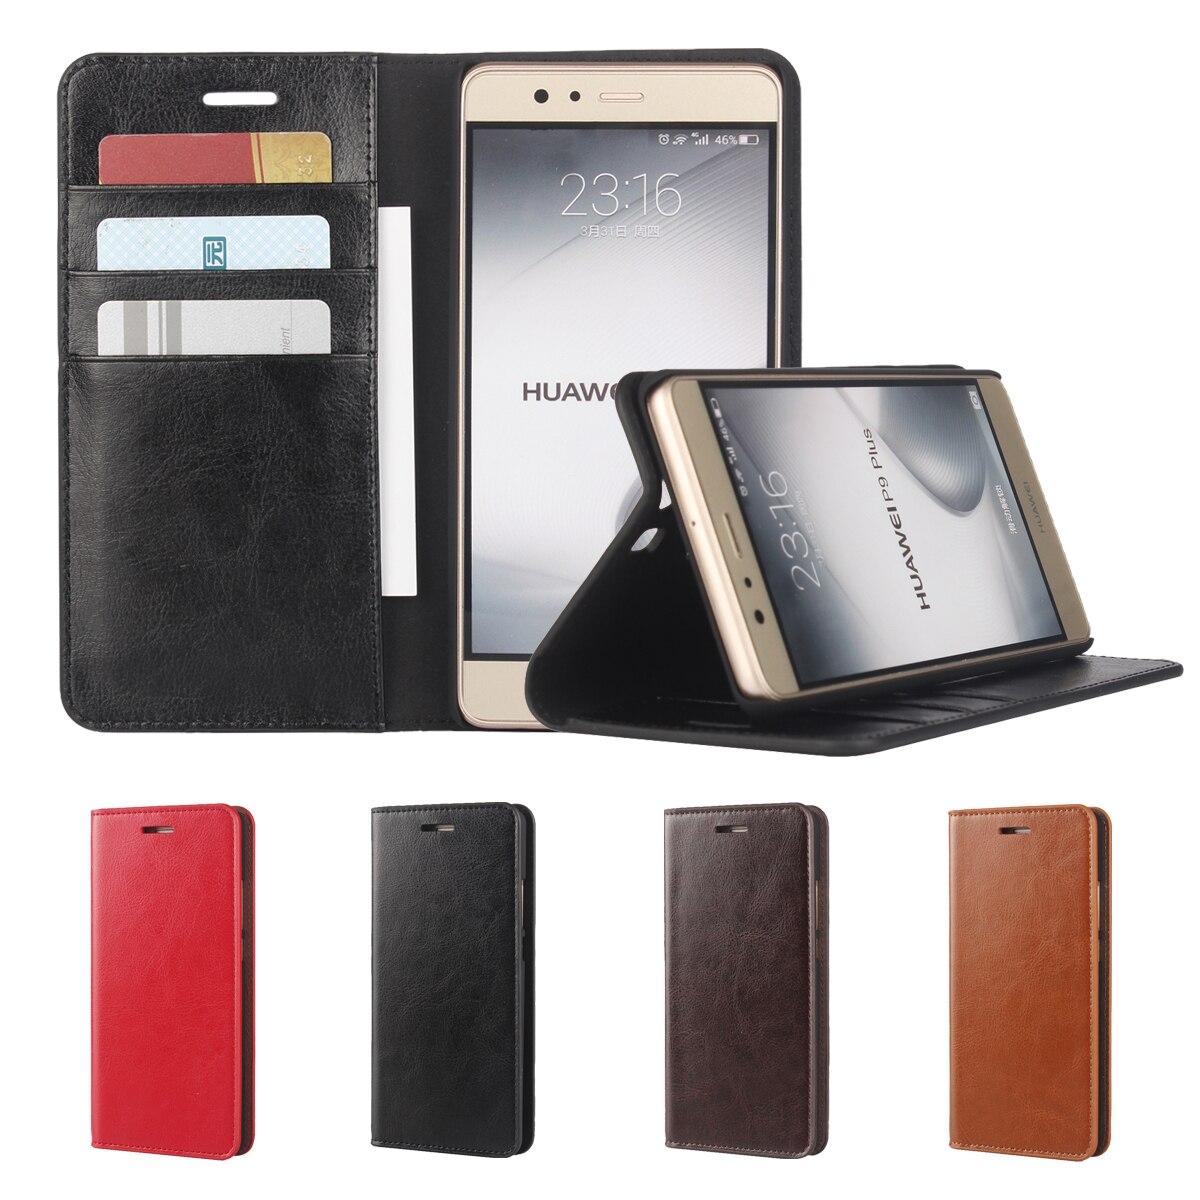 bilder für Deluxe Geldbörse Fall Für Huawei Ascend P9 Plus premium ledertasche Huawei P9 Plus Taschen